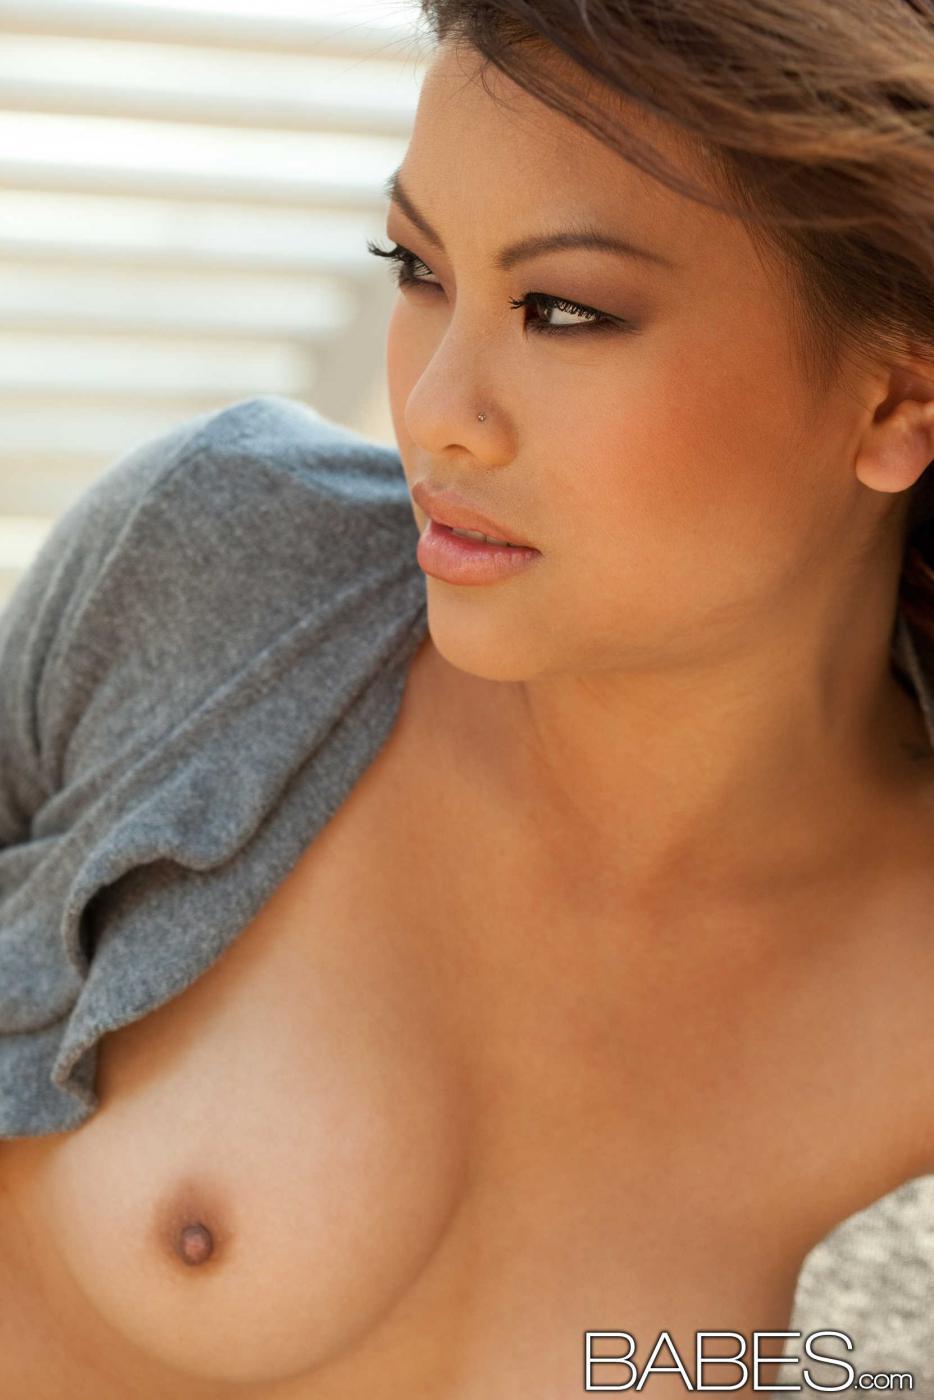 Сексуальная азиатская милашка Khyanna Song выставила на всеобщее обозрение свои великолепные грудки с темными сосками и трет свою дырочку